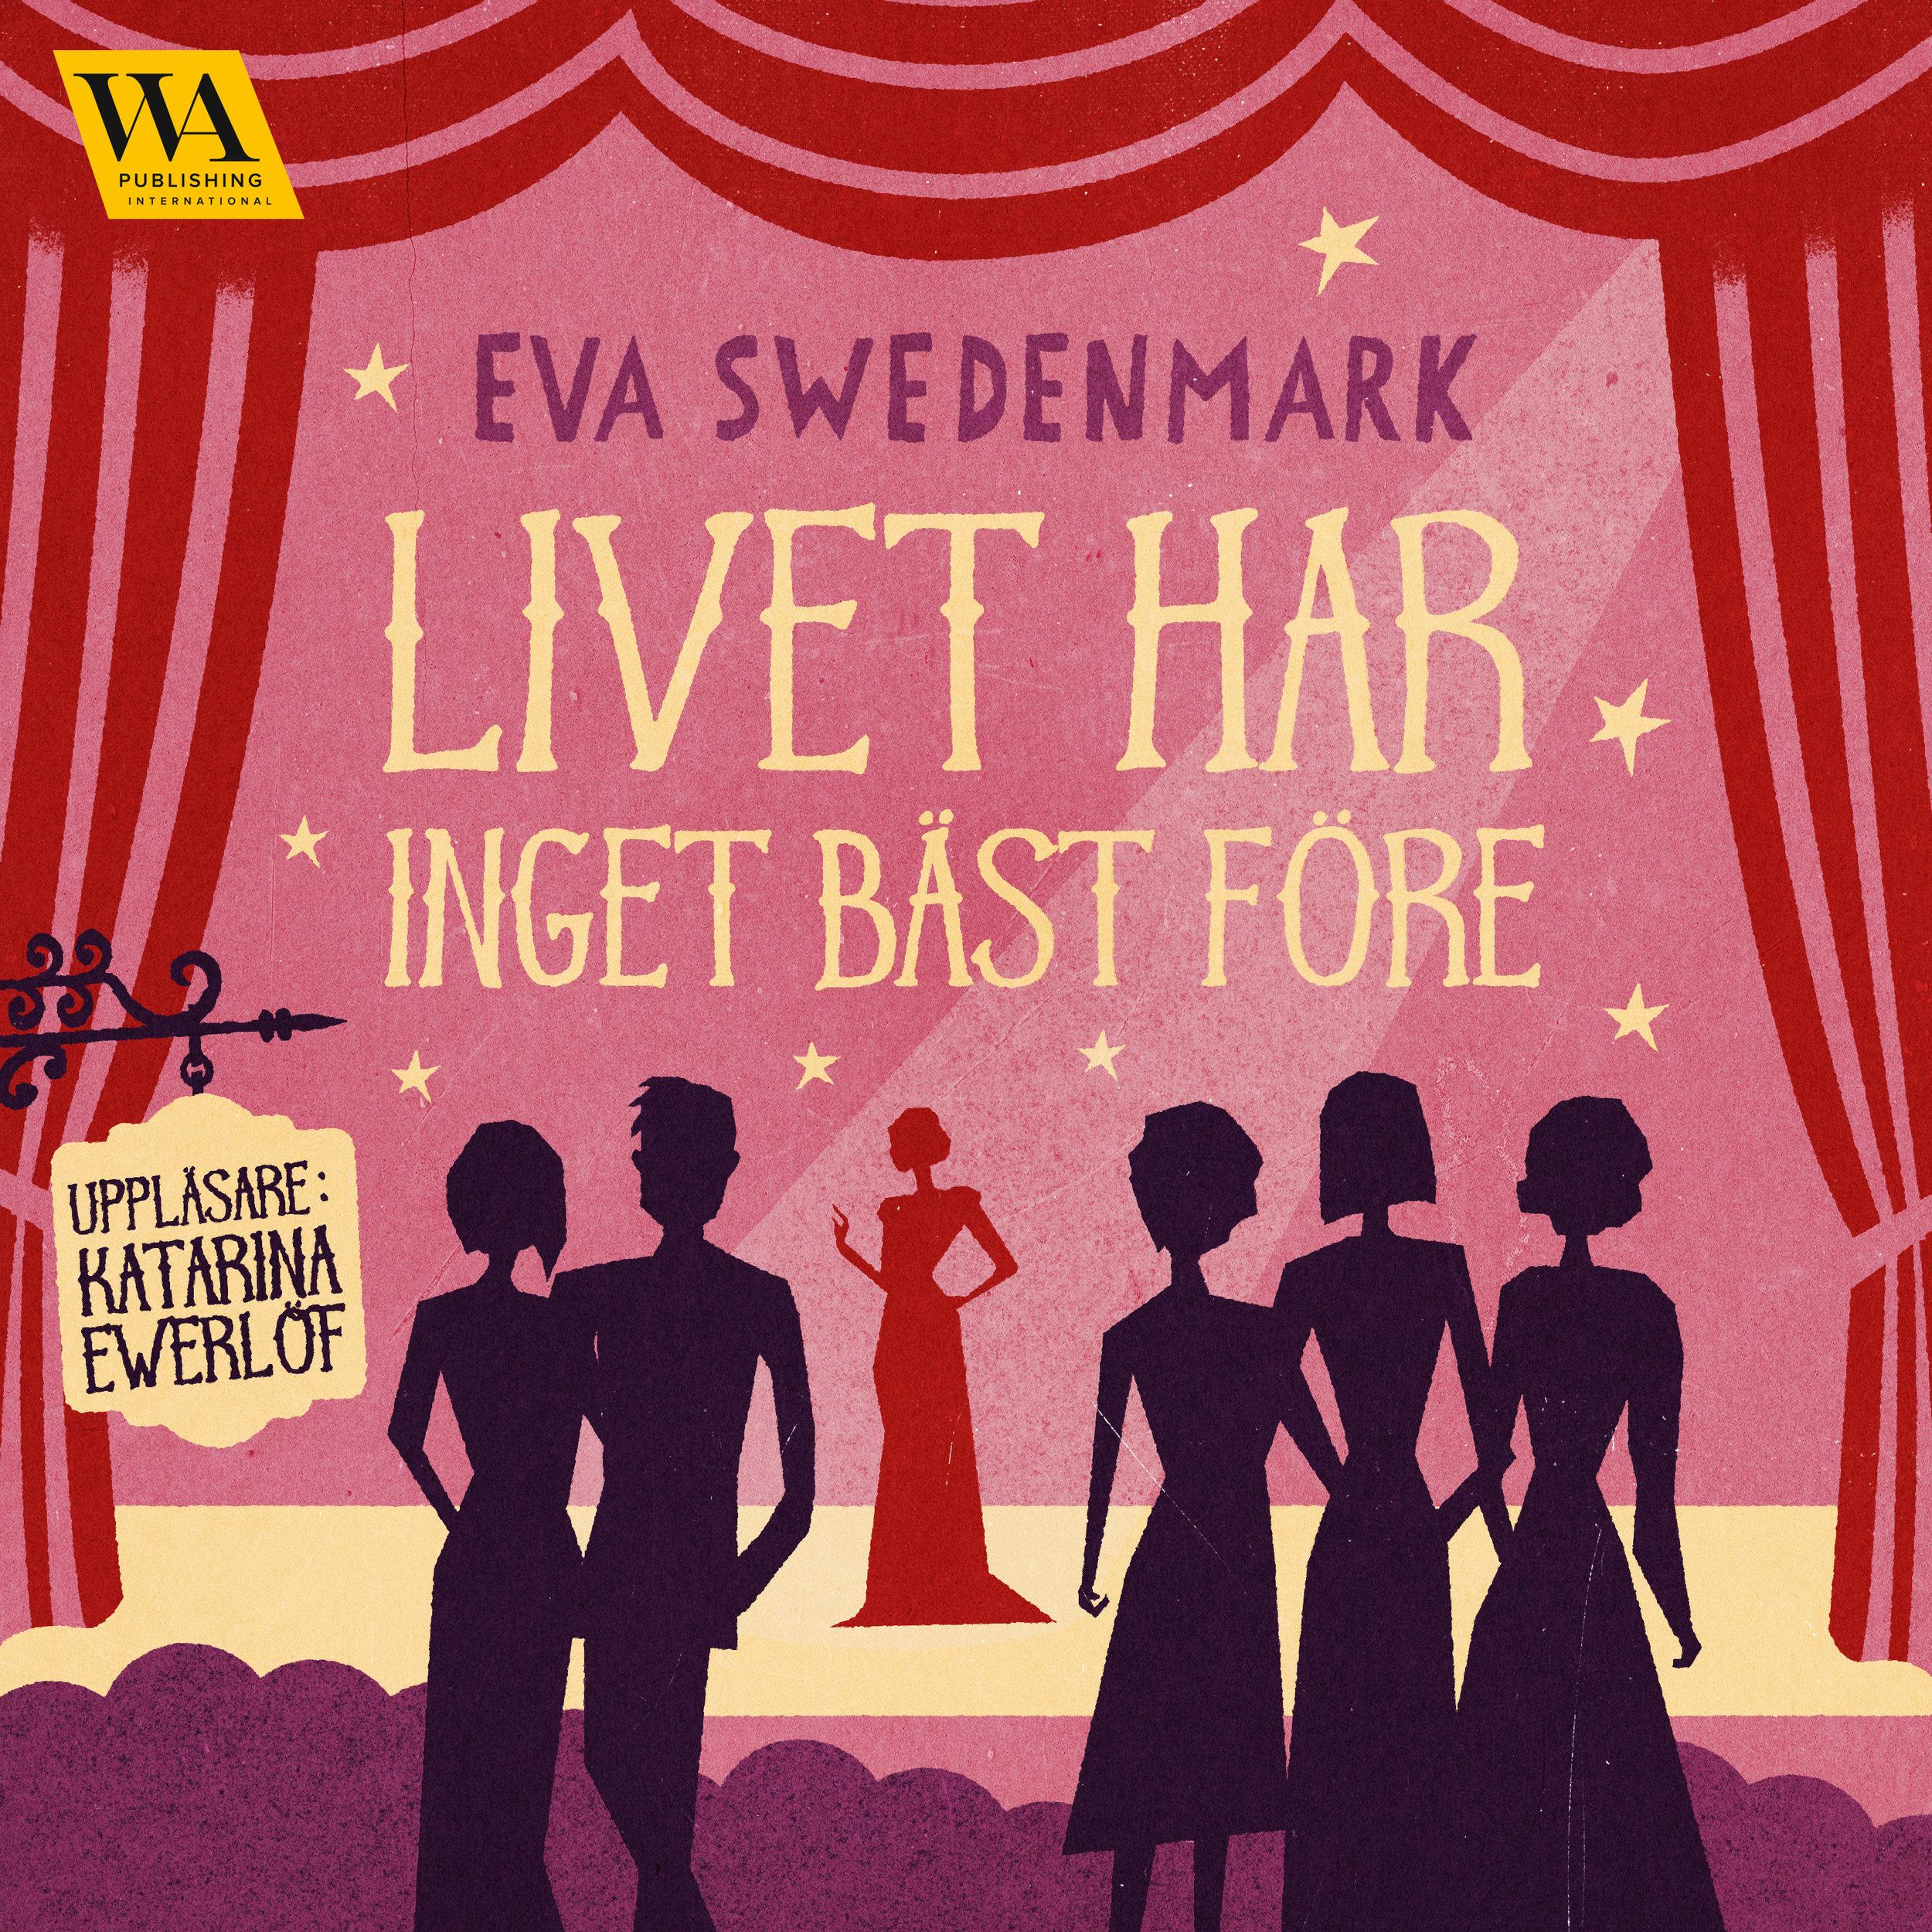 F_Livet_har_inget_bast_fore.jpg